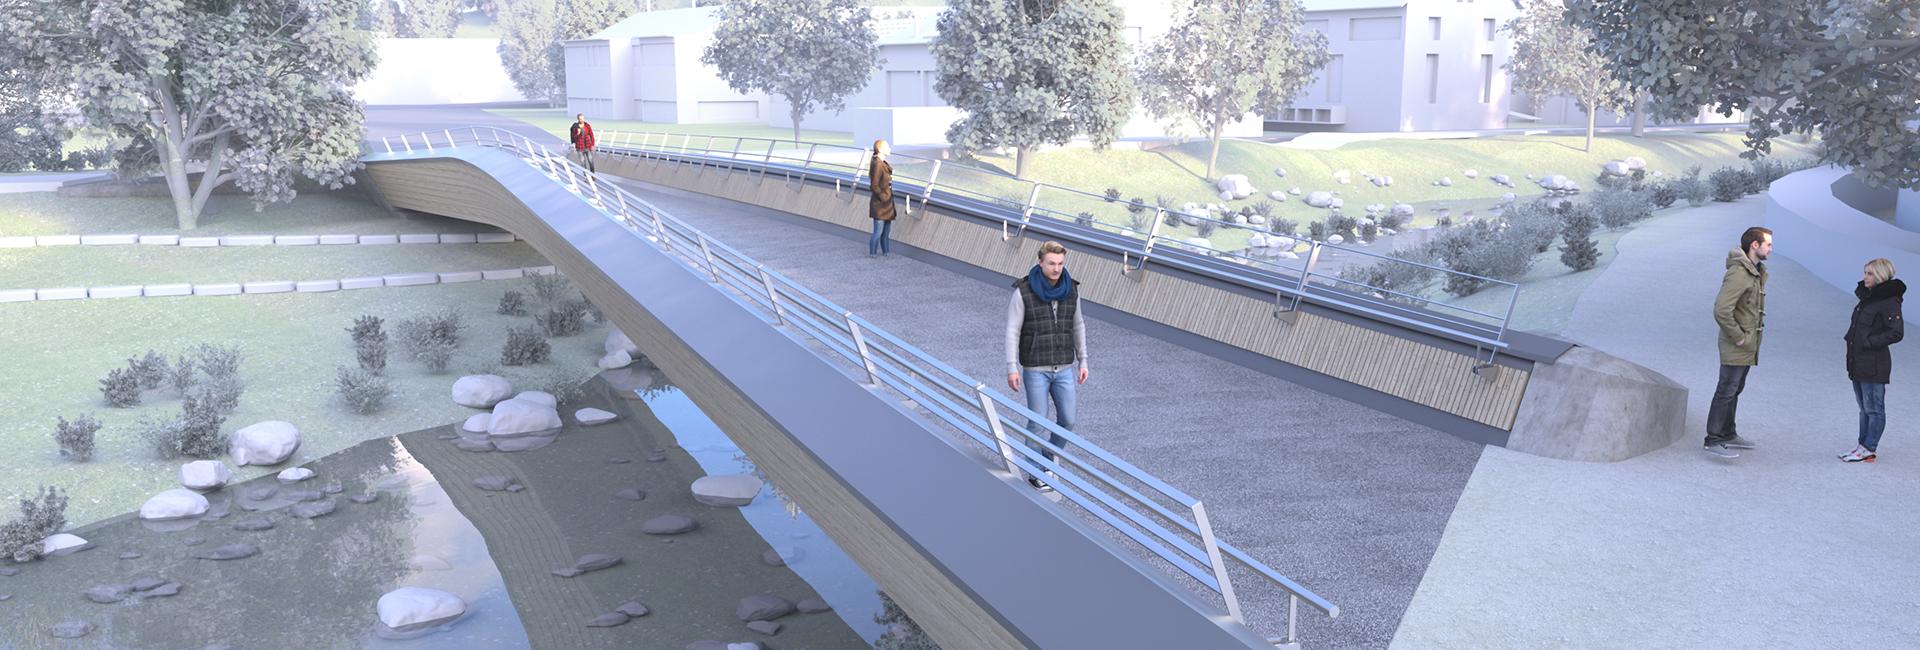 Zeichnung von einer Fußgängerbrücke über einen Fluss